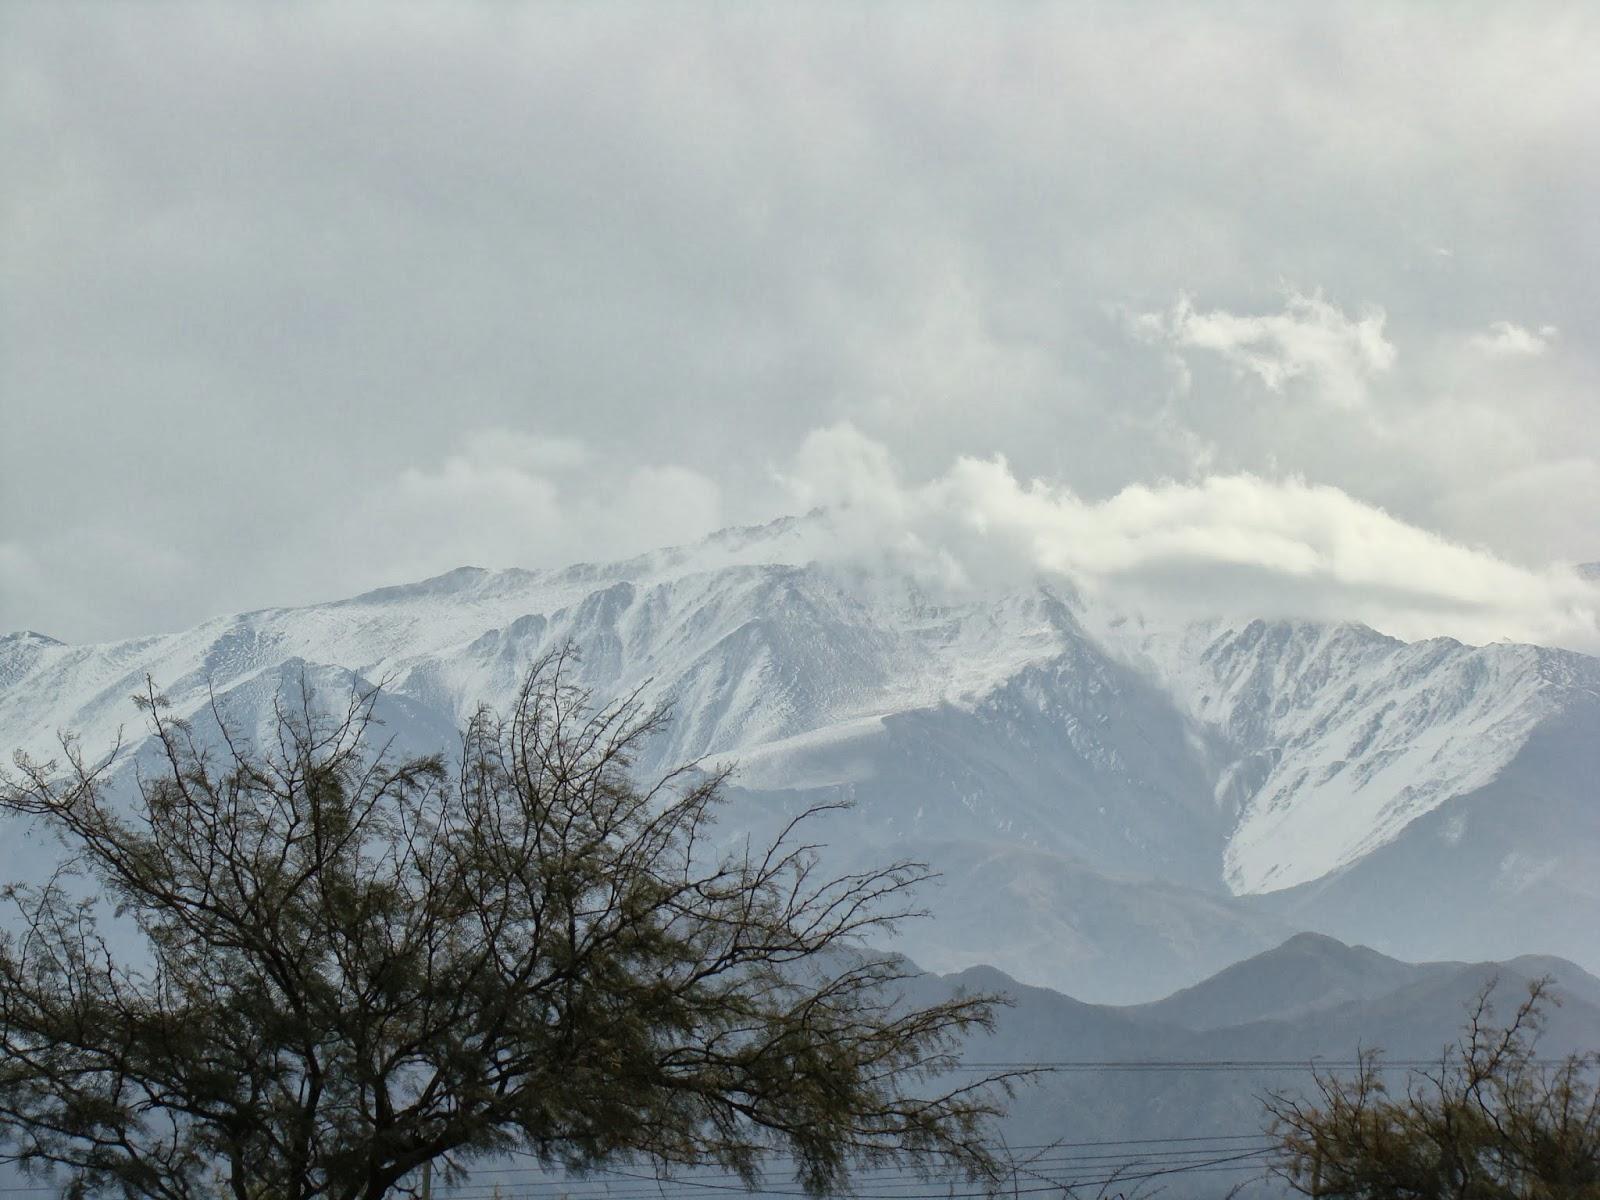 Cerro Famatina, Cuesta de Miranda, Argentina, Elisa N, Blog de Viajes, Lifestyle, Travel